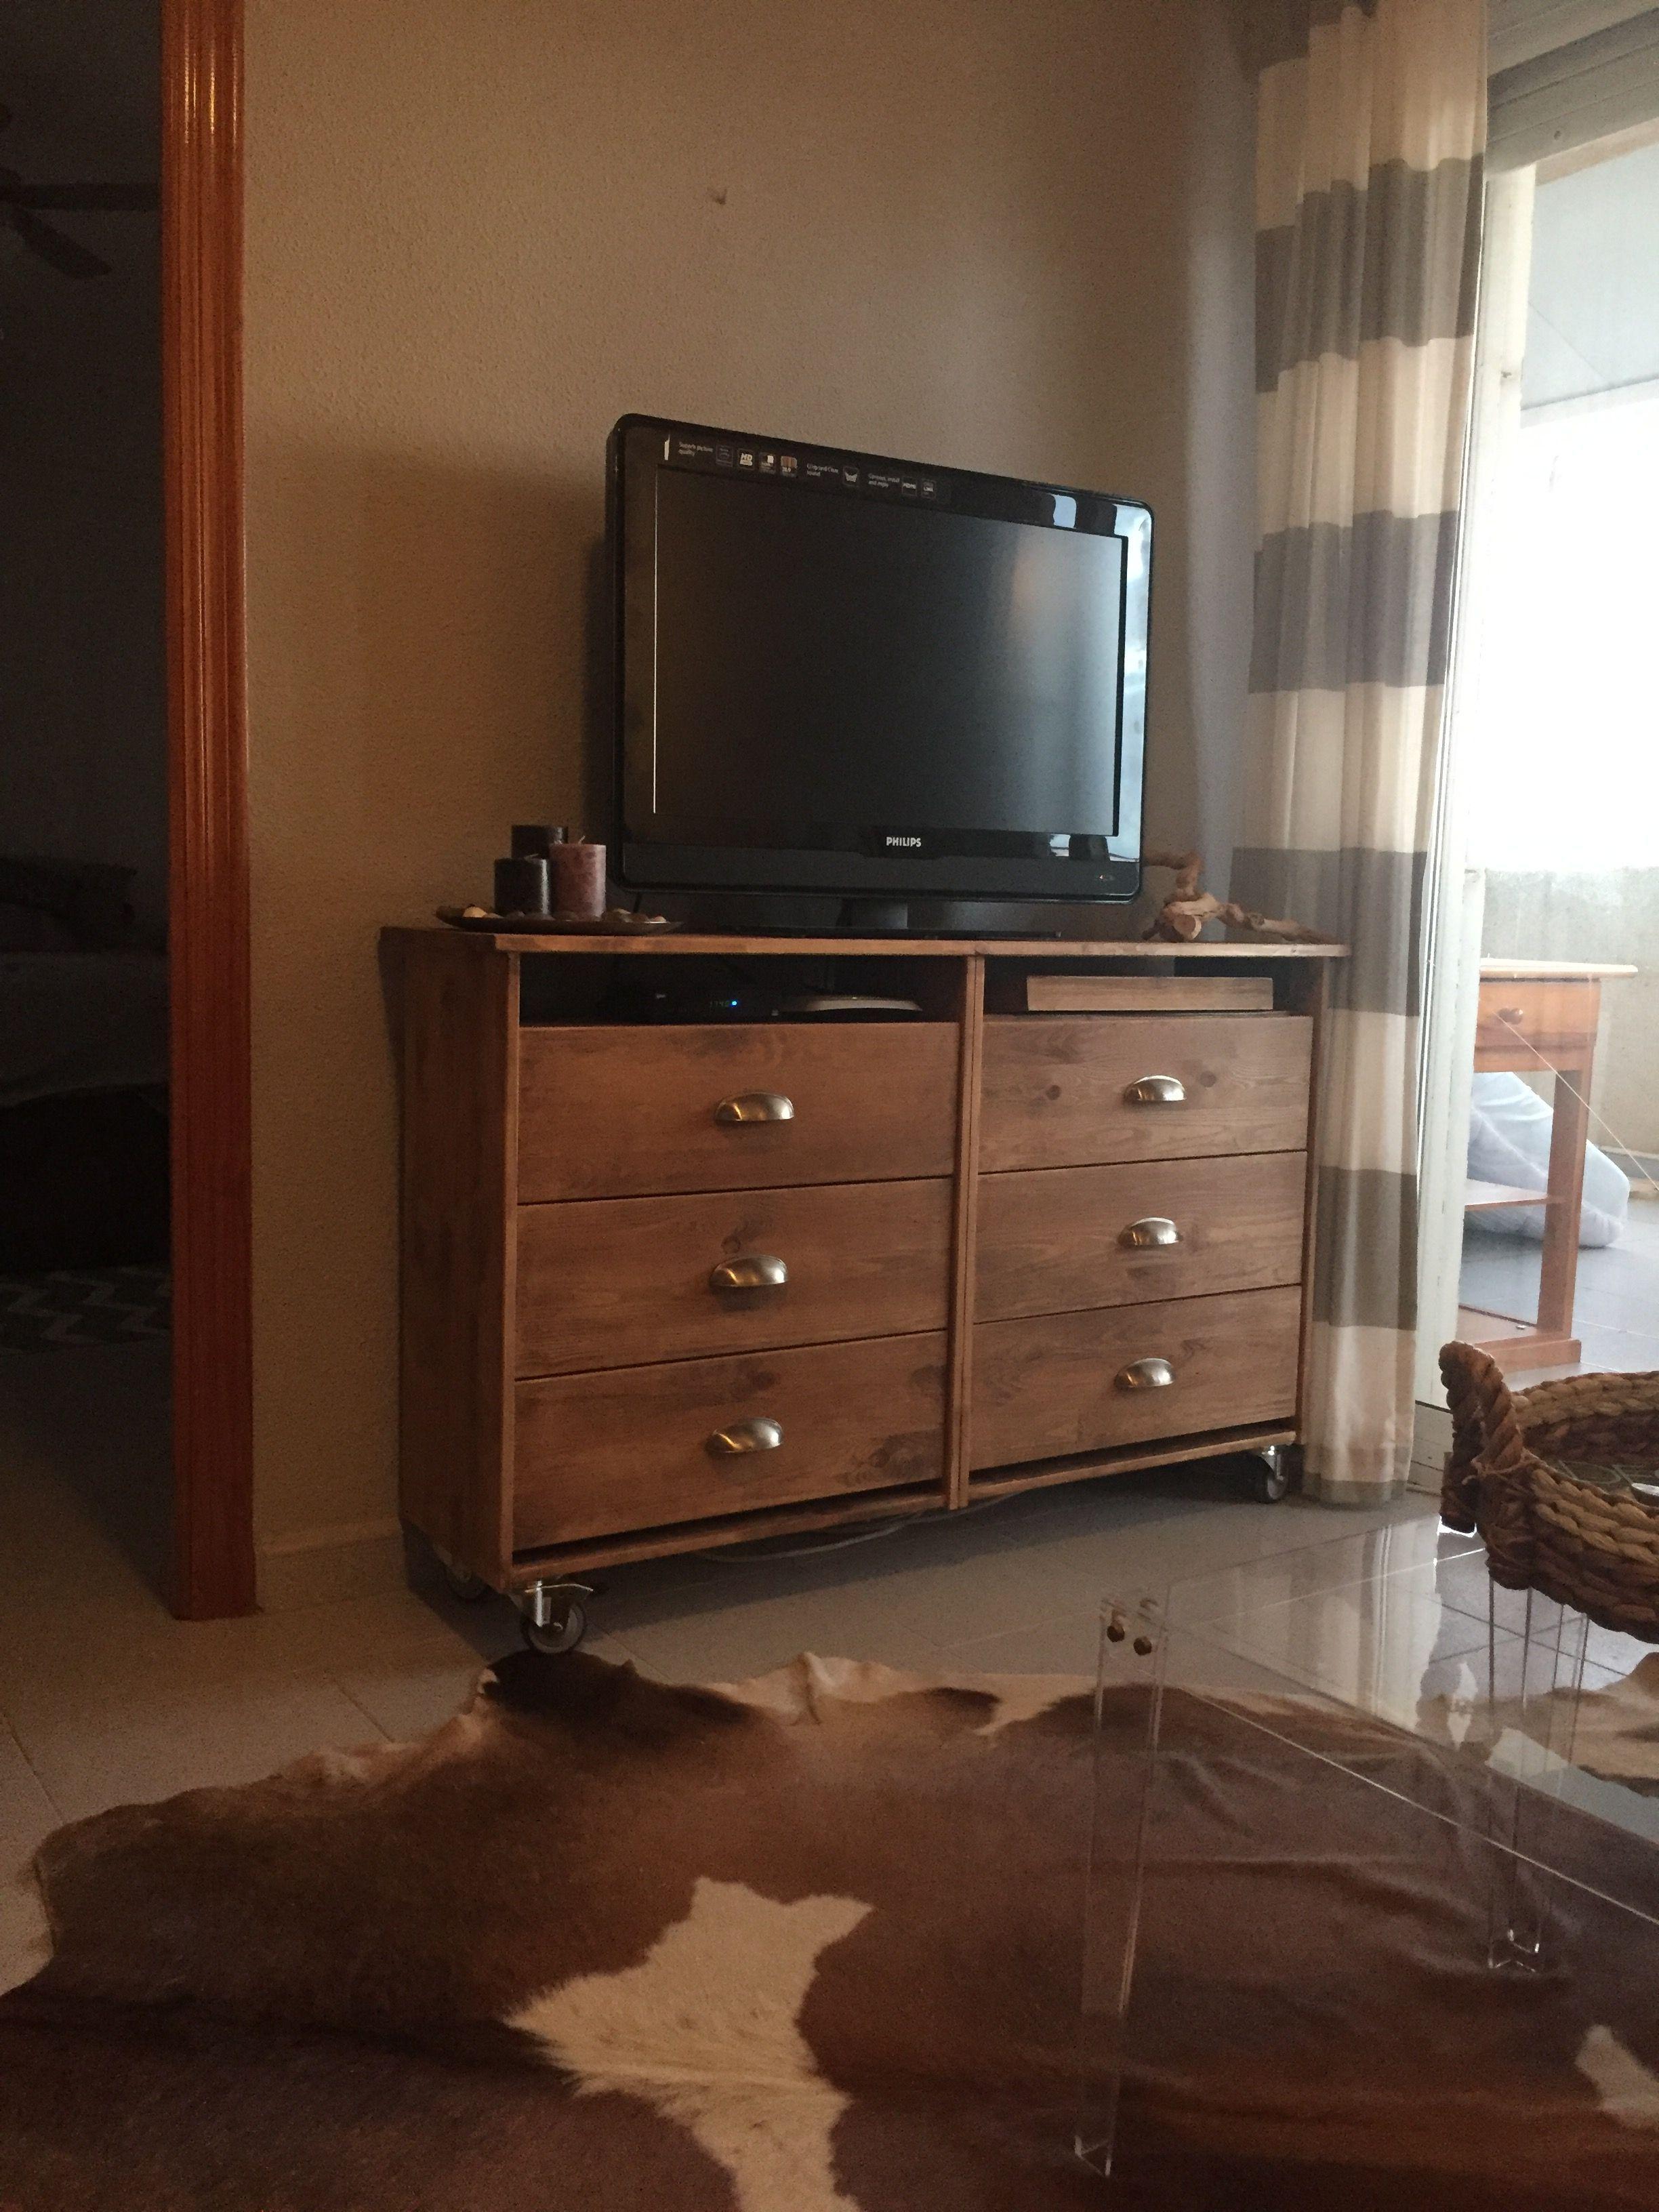 rast turned upside down, no kickplate Ikea tv stand